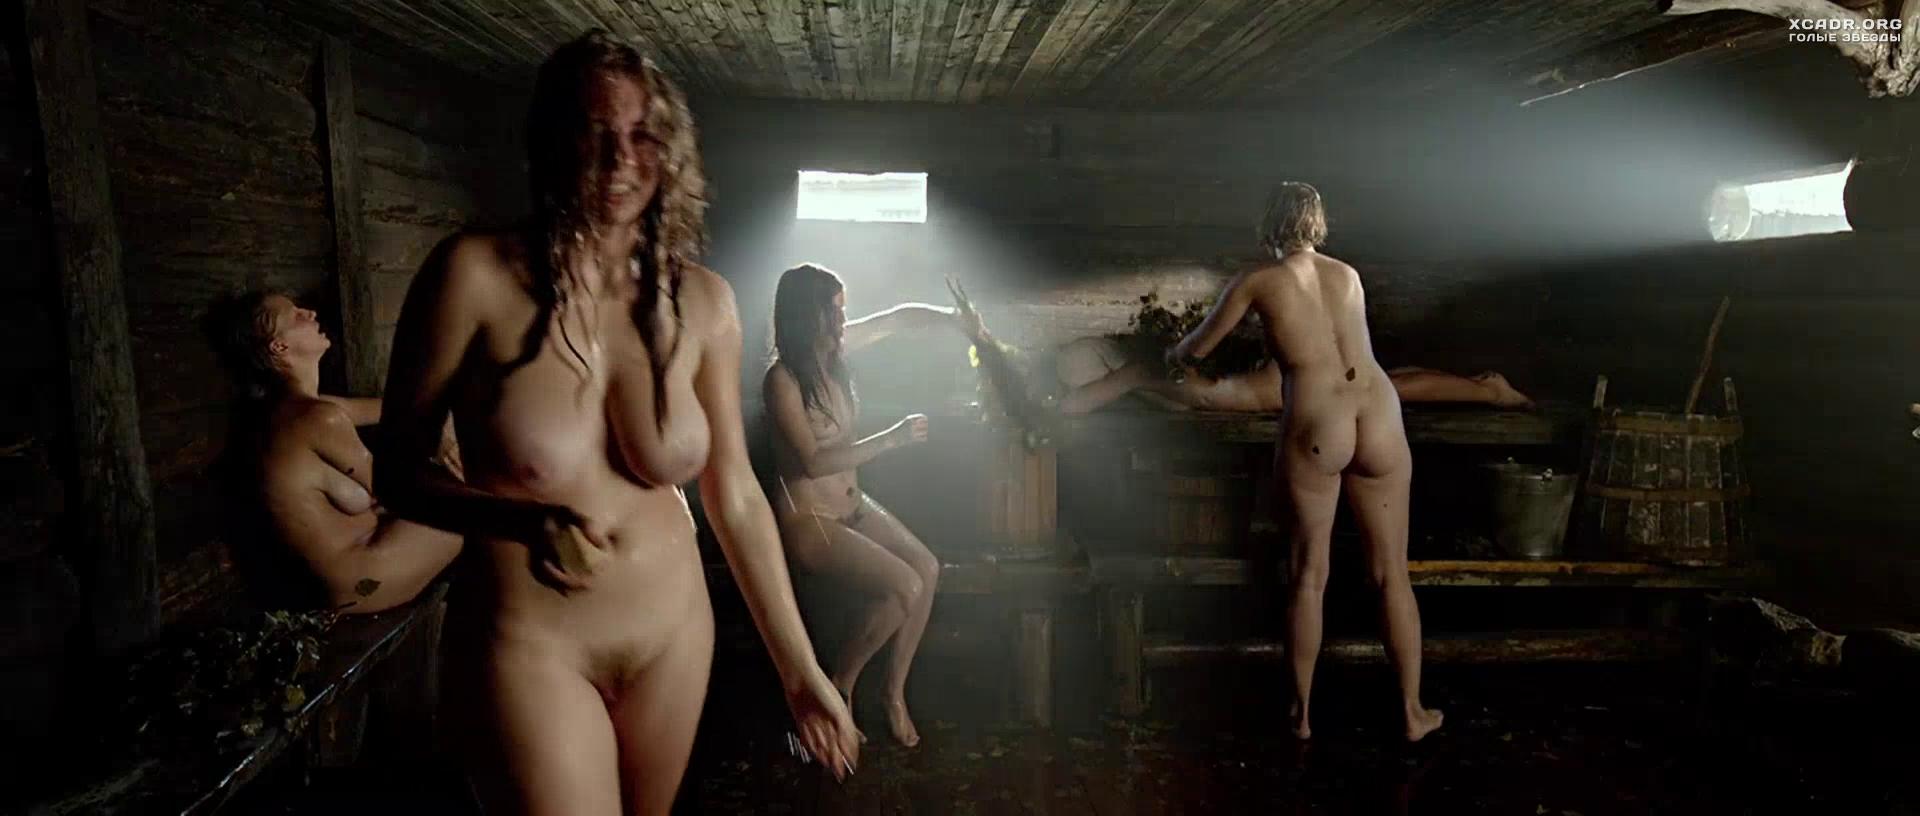 порно видео со знаменитостями россии